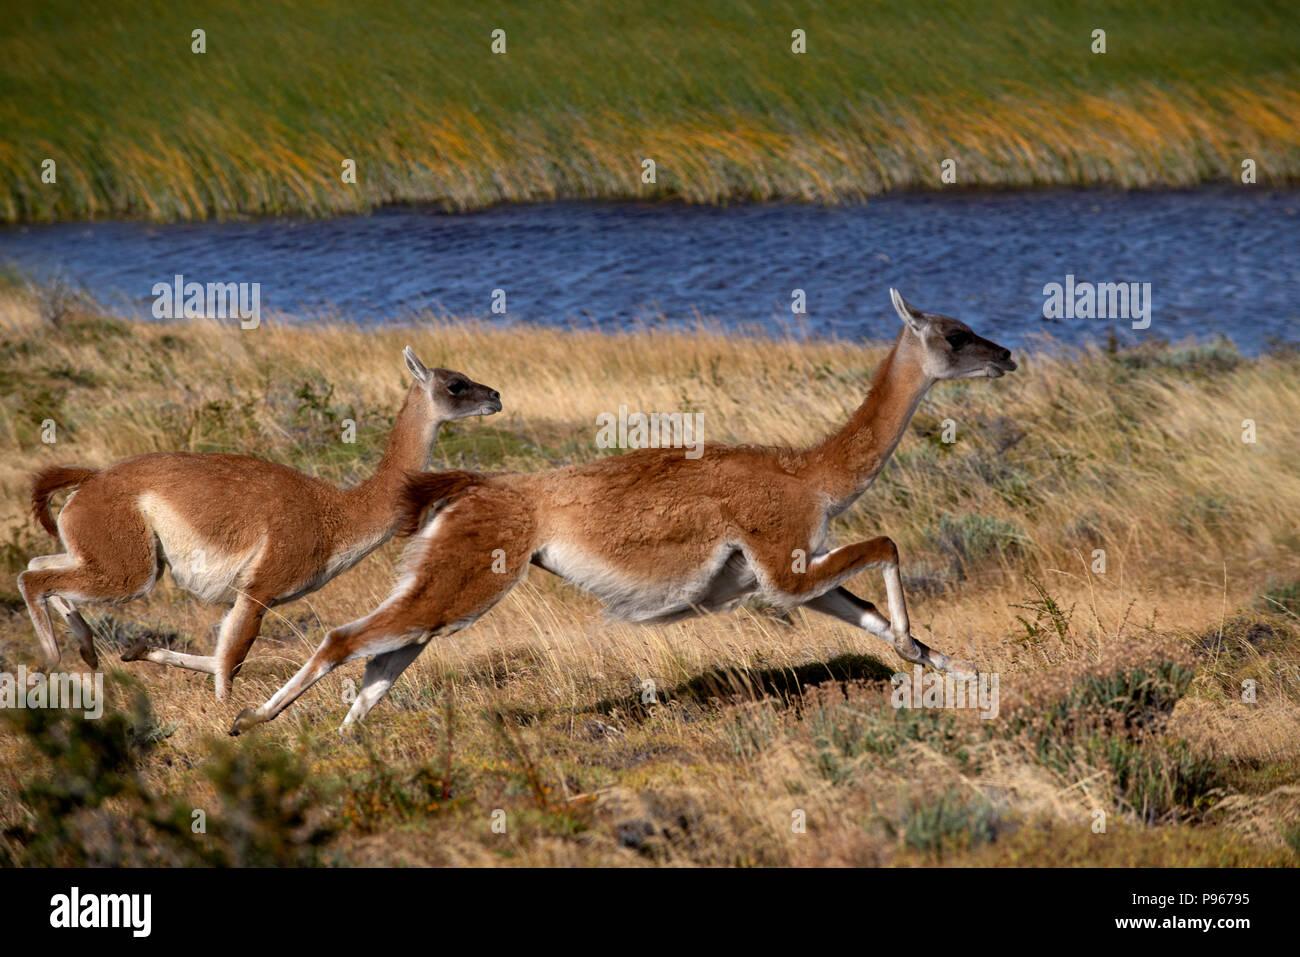 2 Erwachsene Guanako fliehen in Panik nach Schmierblutungen eine Patagonian Puma Stalking die Herde sie Teil der Waren Stockbild